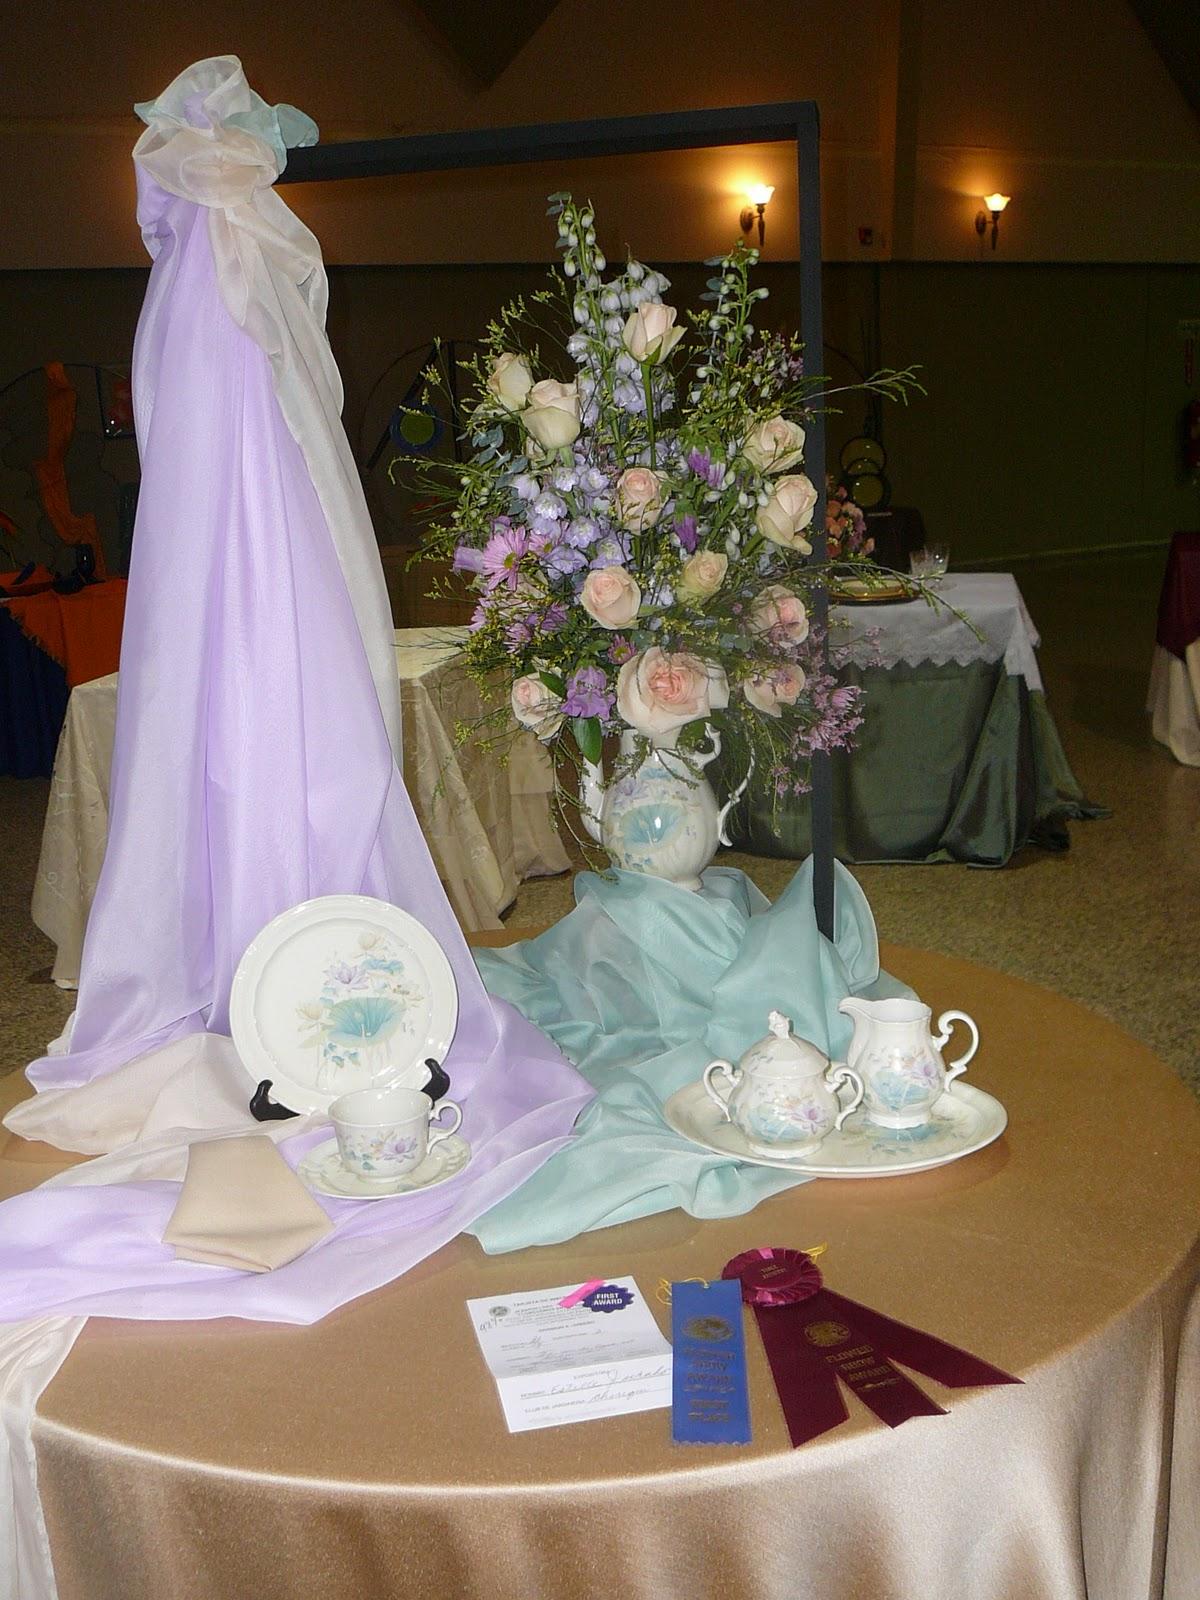 Arreglos florales creativos mesa de exhibici n t en la casa del gobernador - Arreglos florales creativos ...